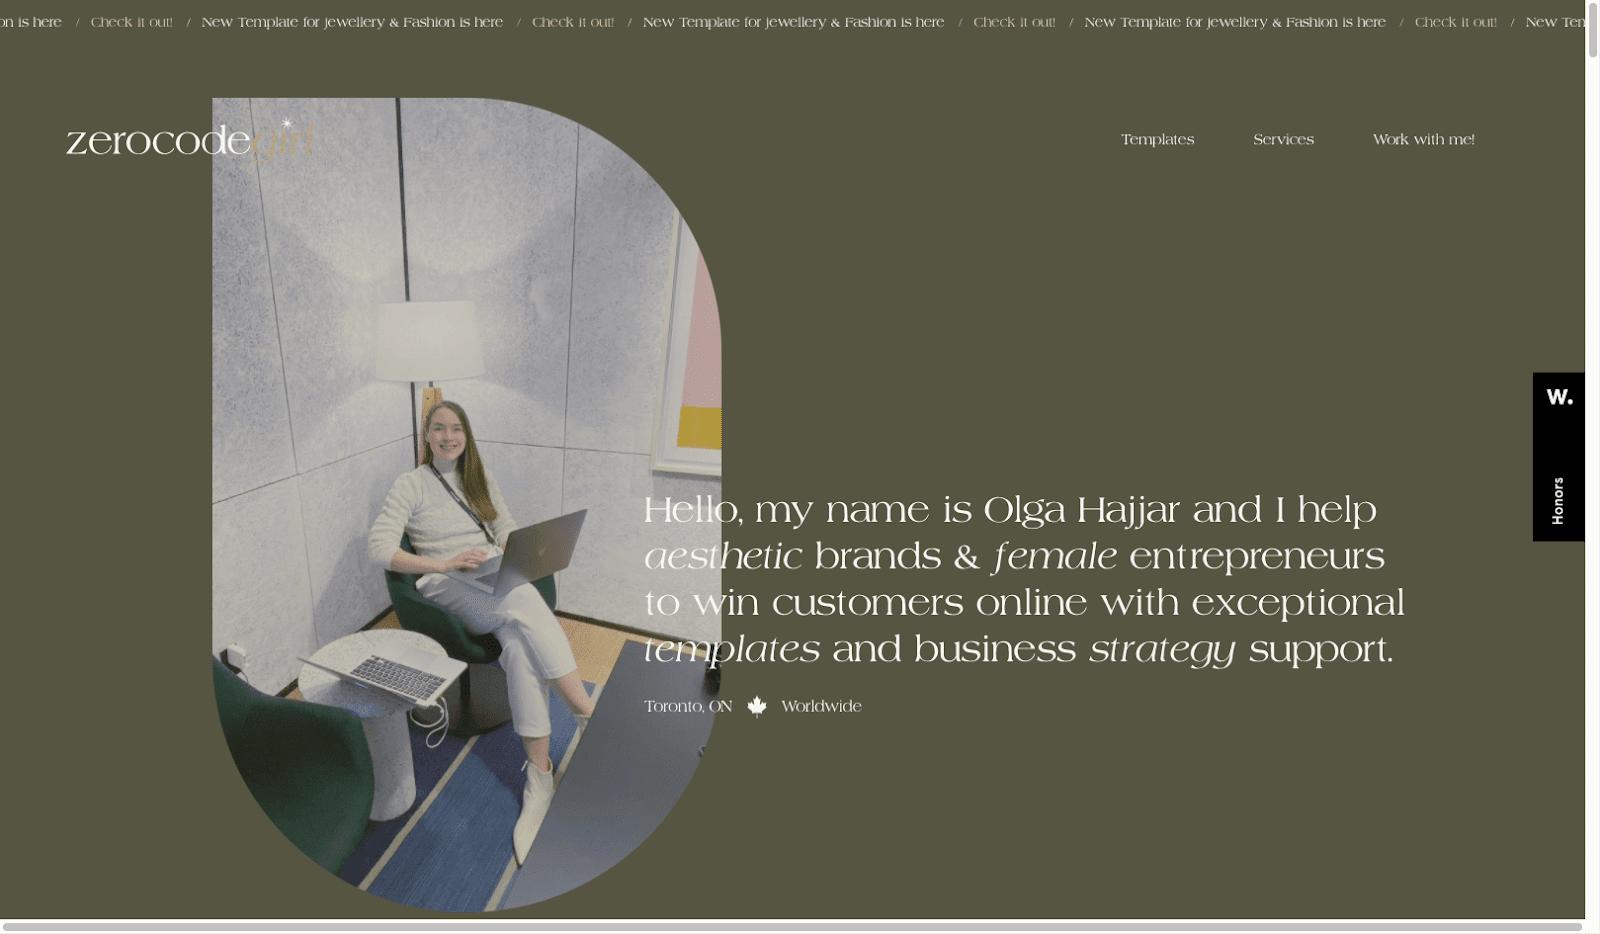 Screenshot of Zerocodegirl.com